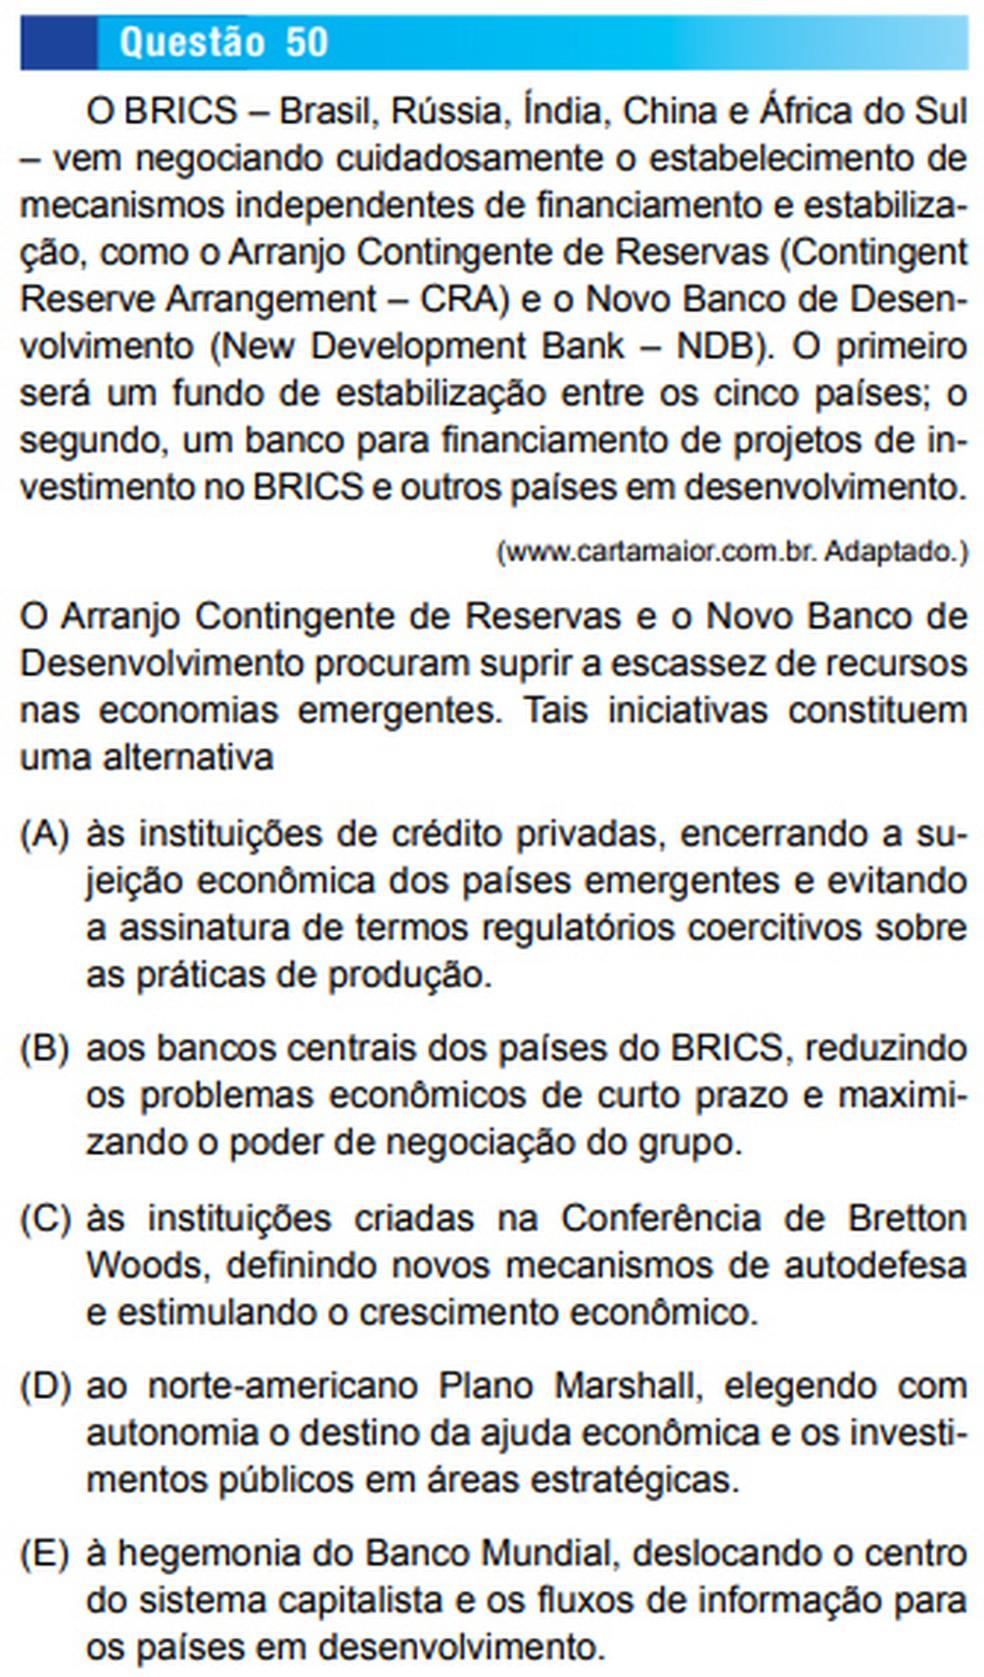 Os Brics, grupo formado por Brasil, Rússia, Índia, China e África do Sul, foi tema de uma questão na Unesp de 2016 (Foto: Reprodução/Vunesp)